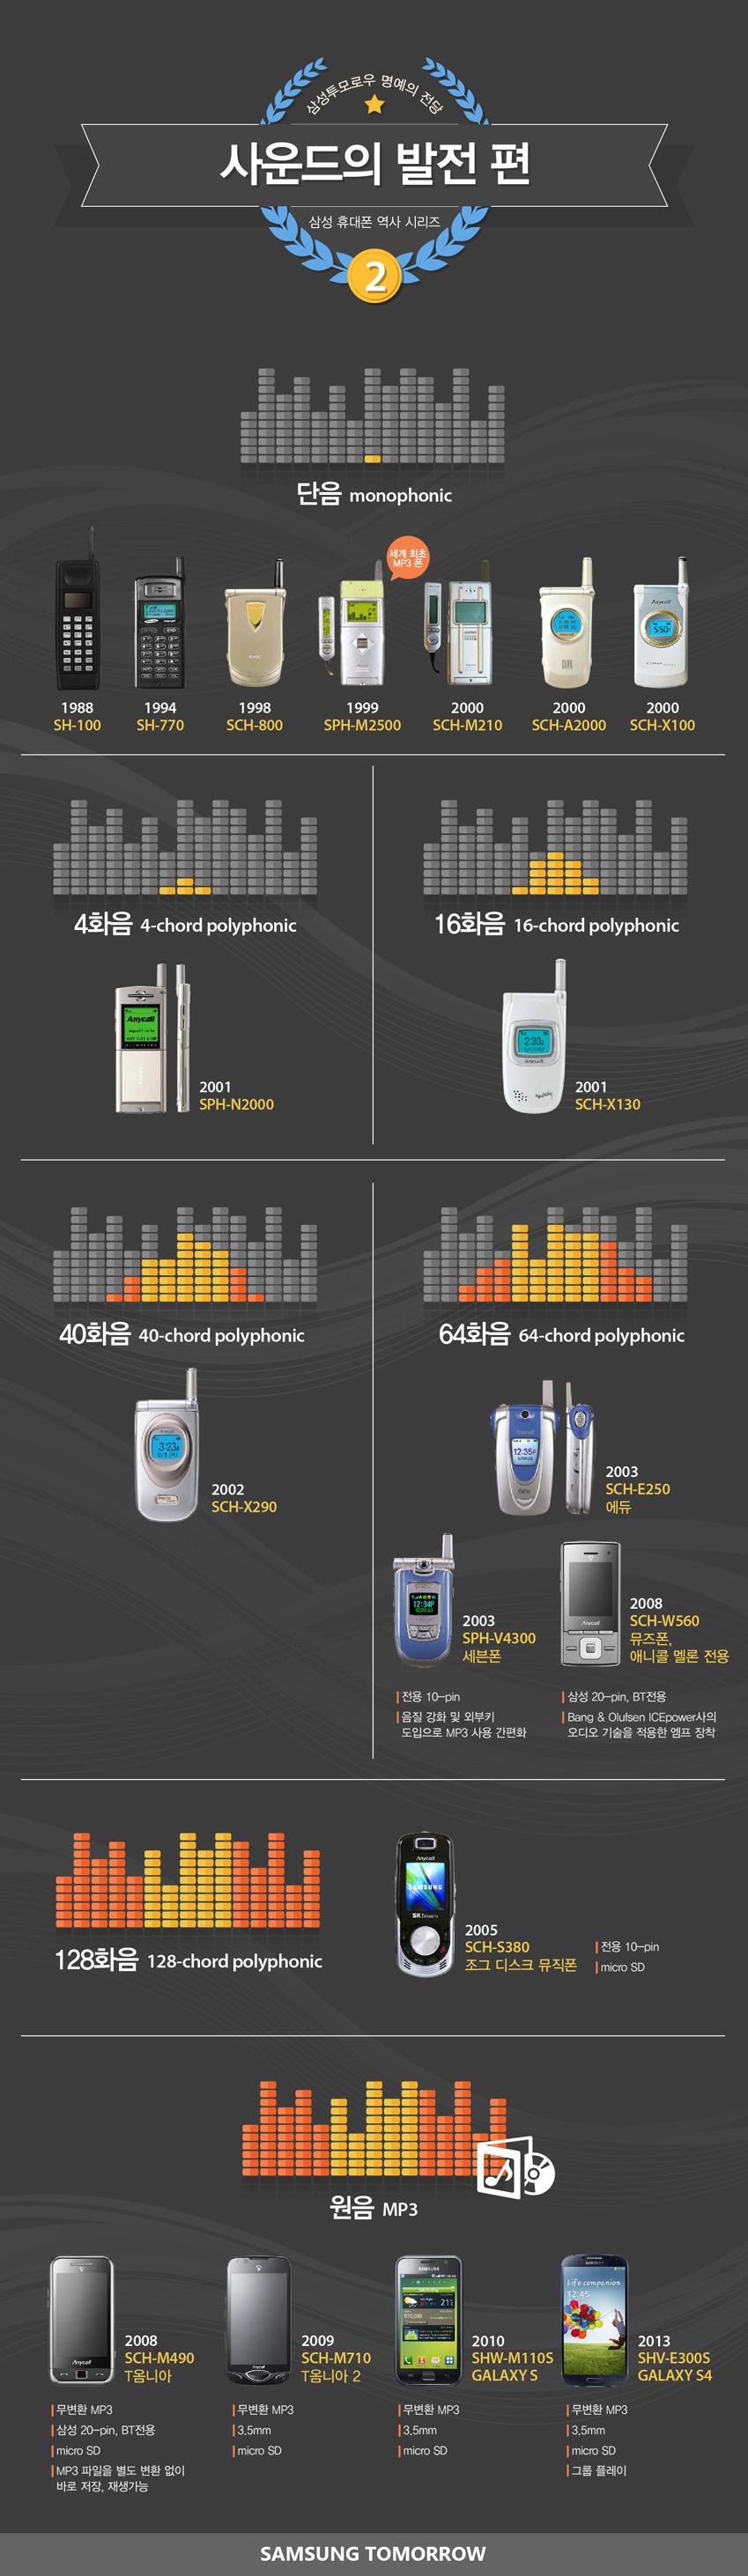 휴대폰의 역사 2편 사운드 발전입니다.